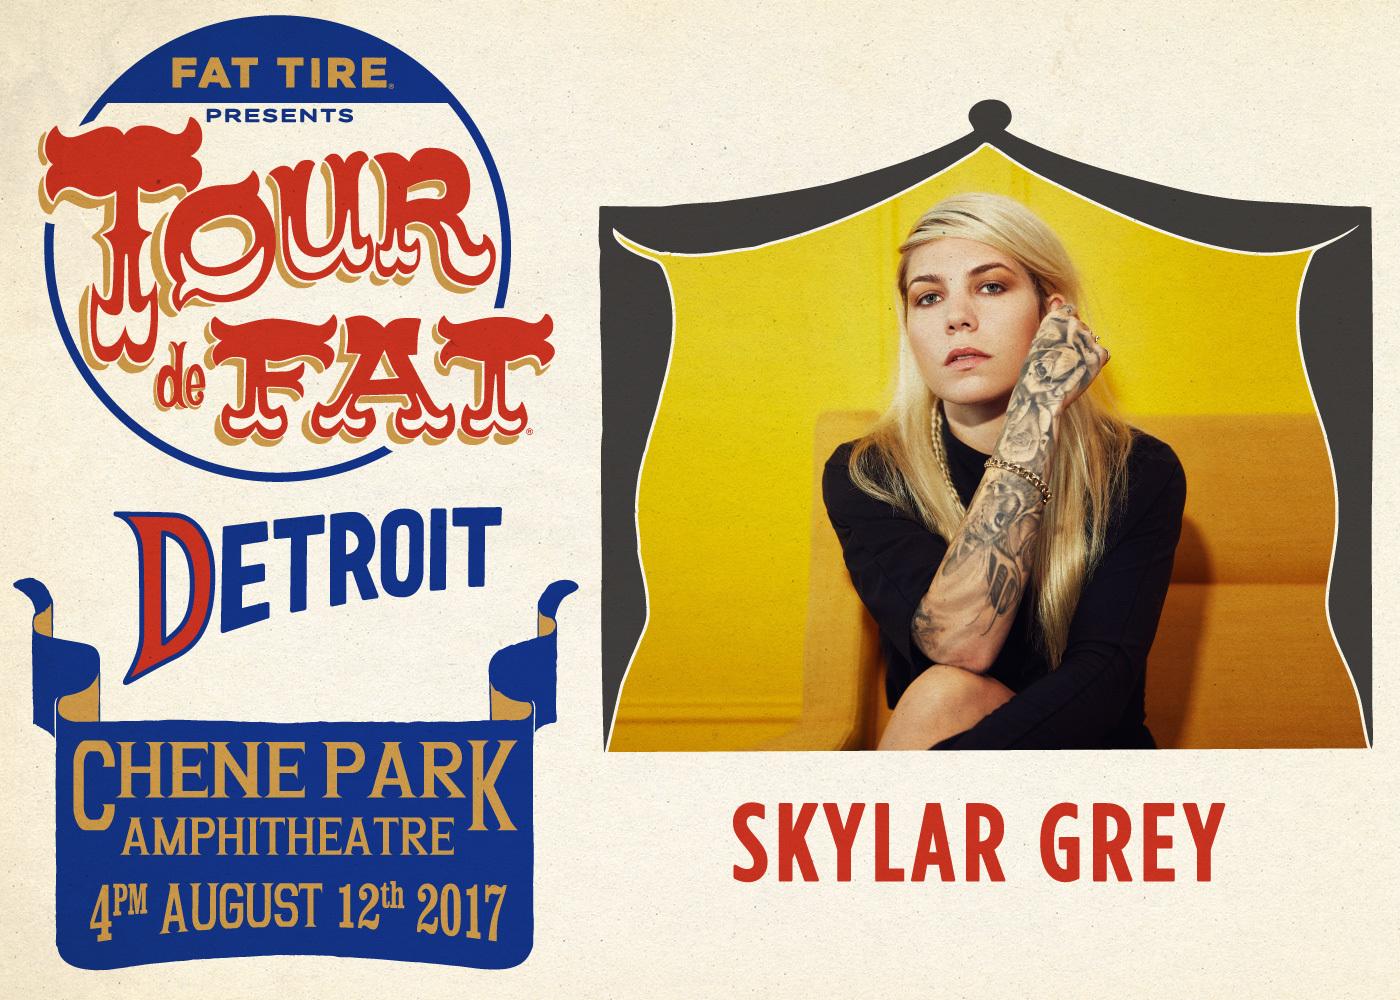 Fat Tire Presents Tour de Fat Detroit, August 12, 2017